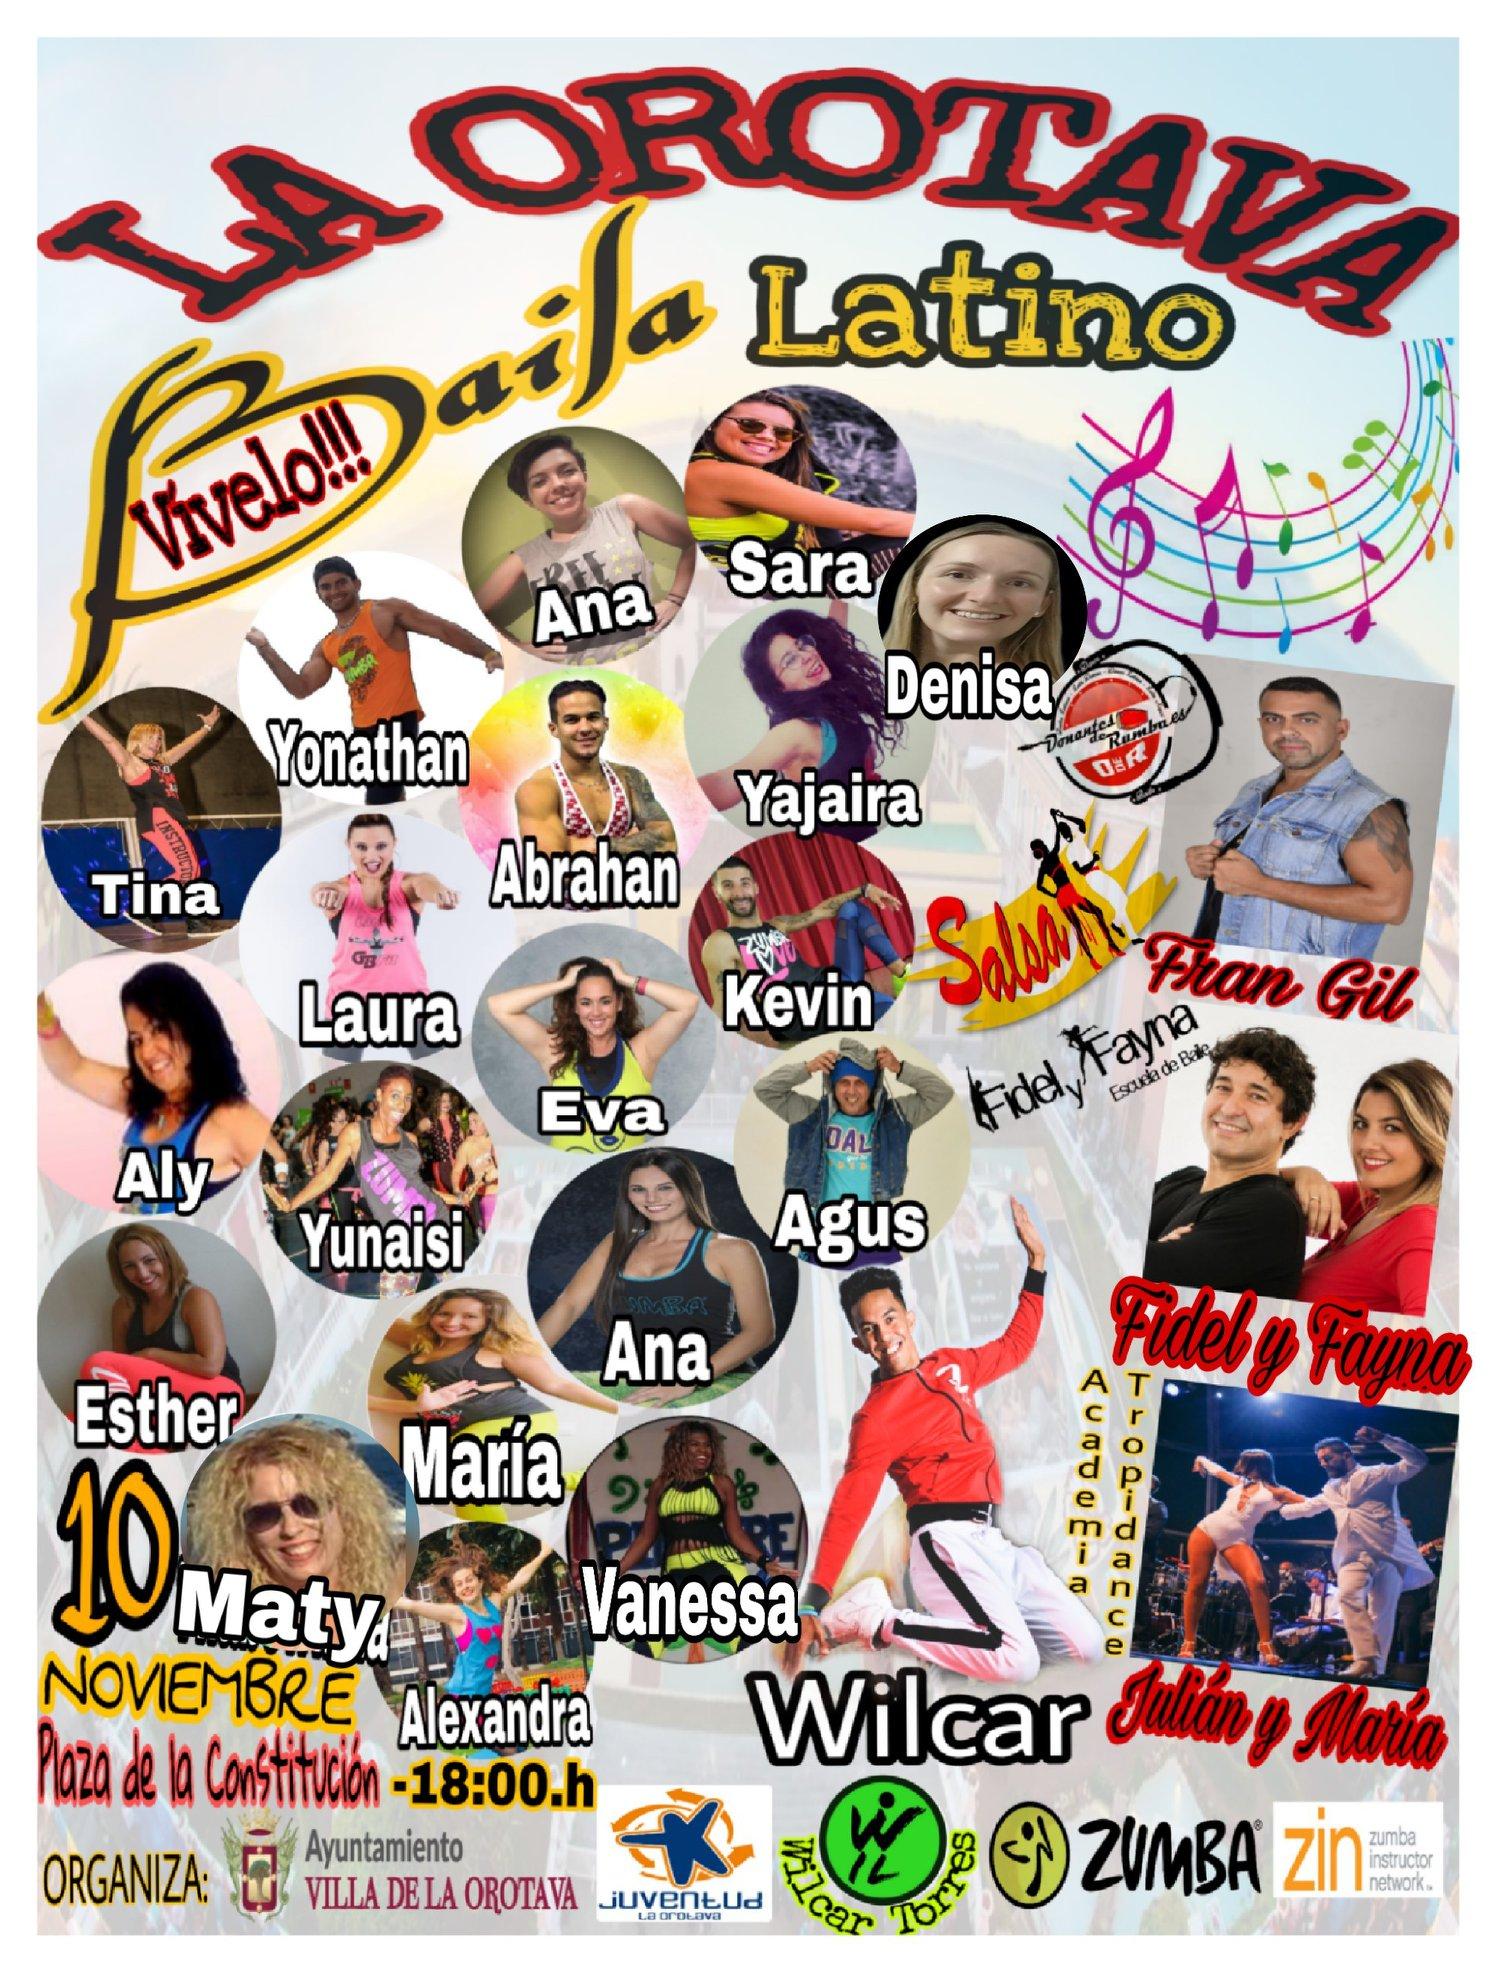 La Orotava Baila Latino, el próximo sábado en la Plaza de la Constitución